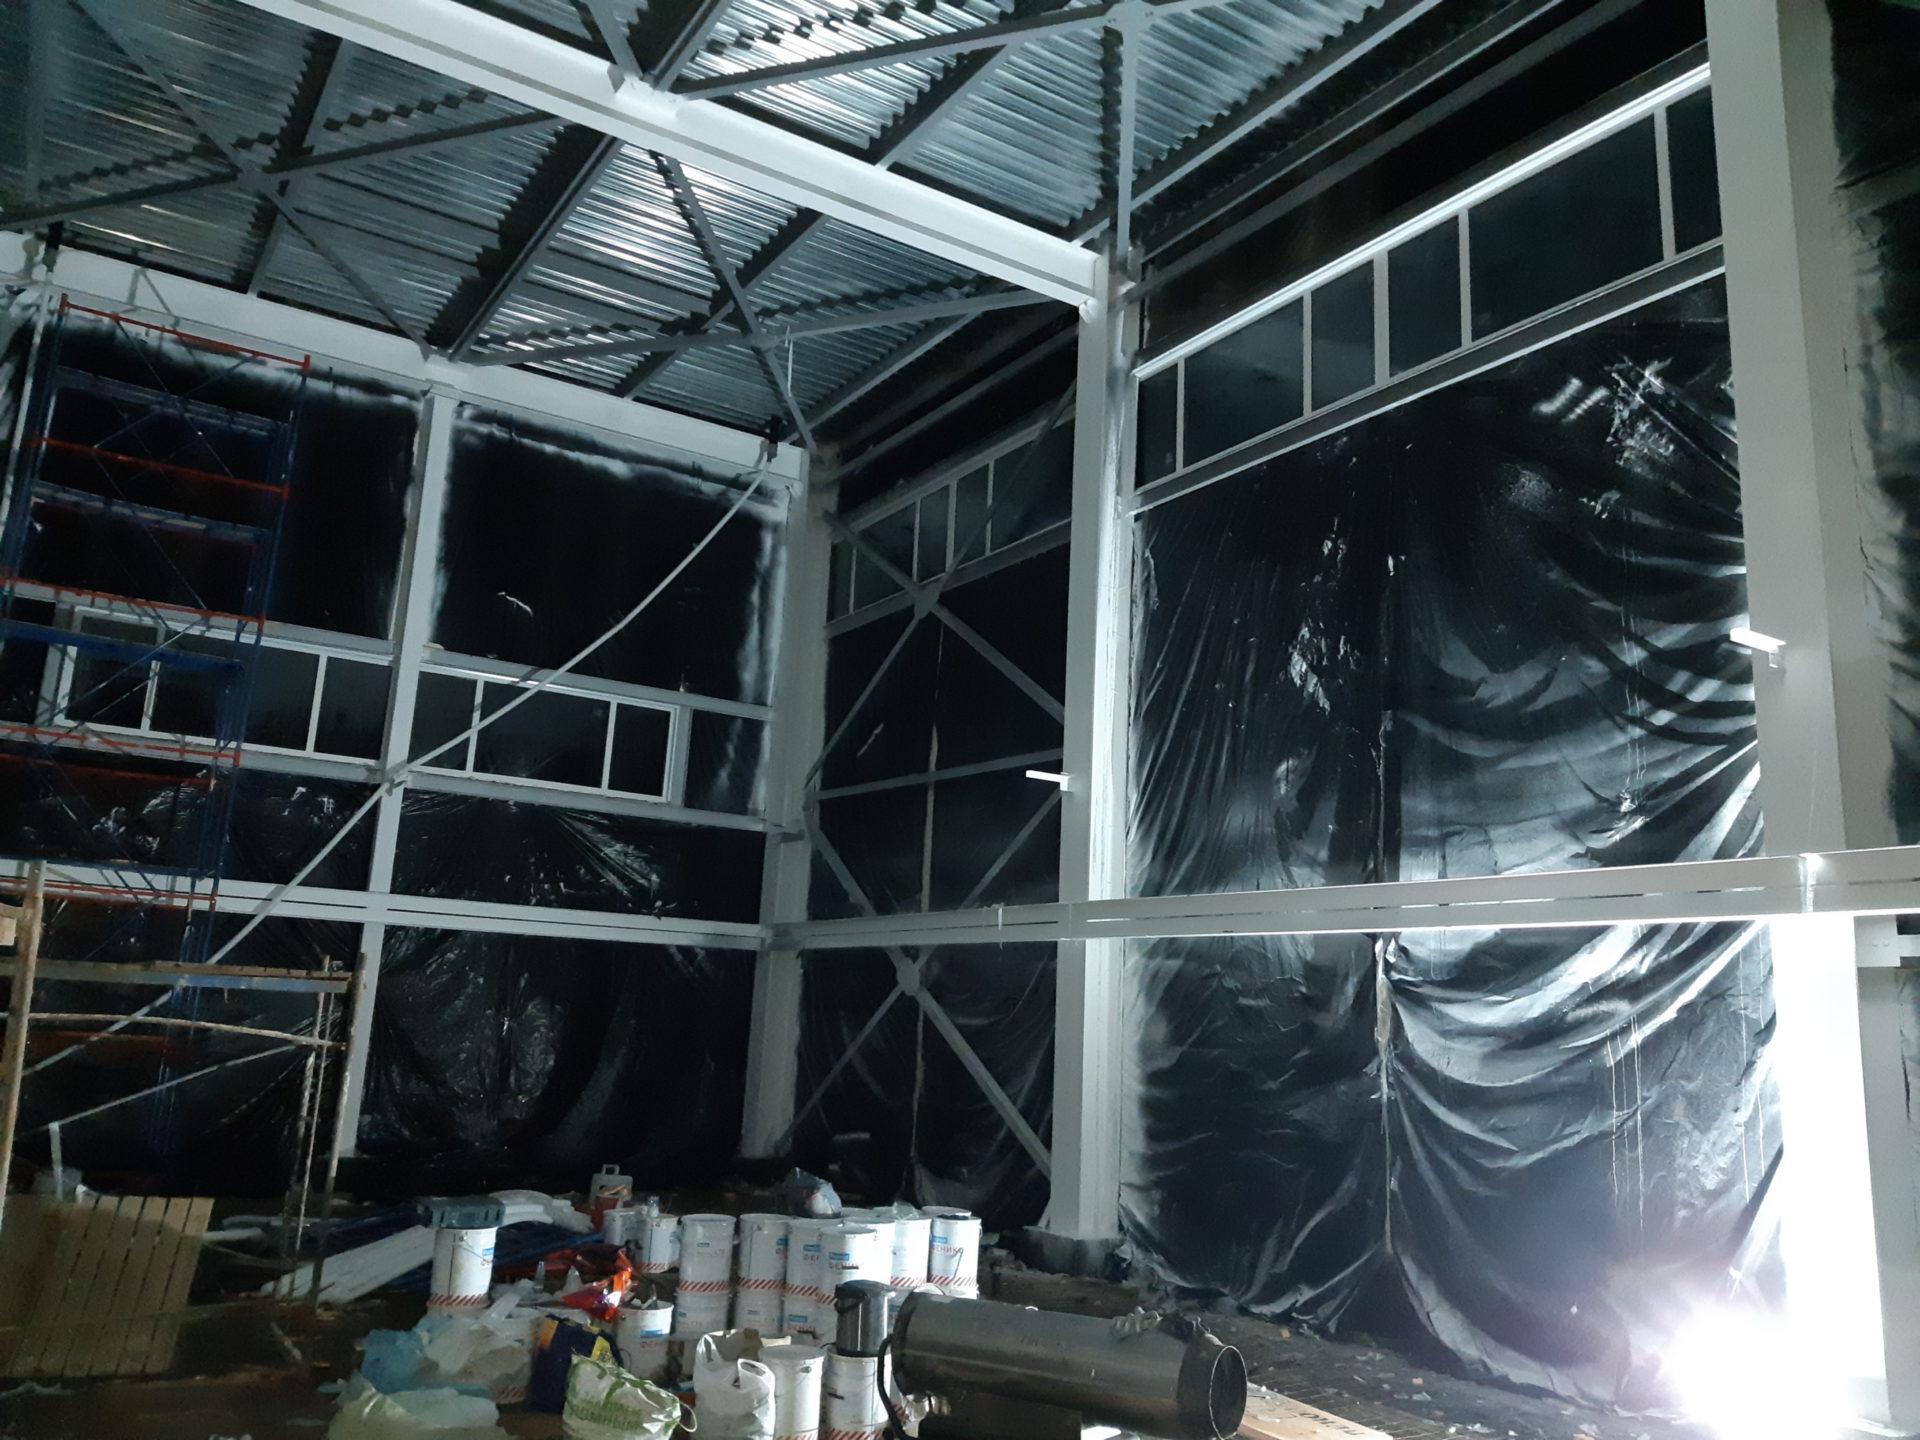 Остекление промышленного объекта. Окна 12 метров.